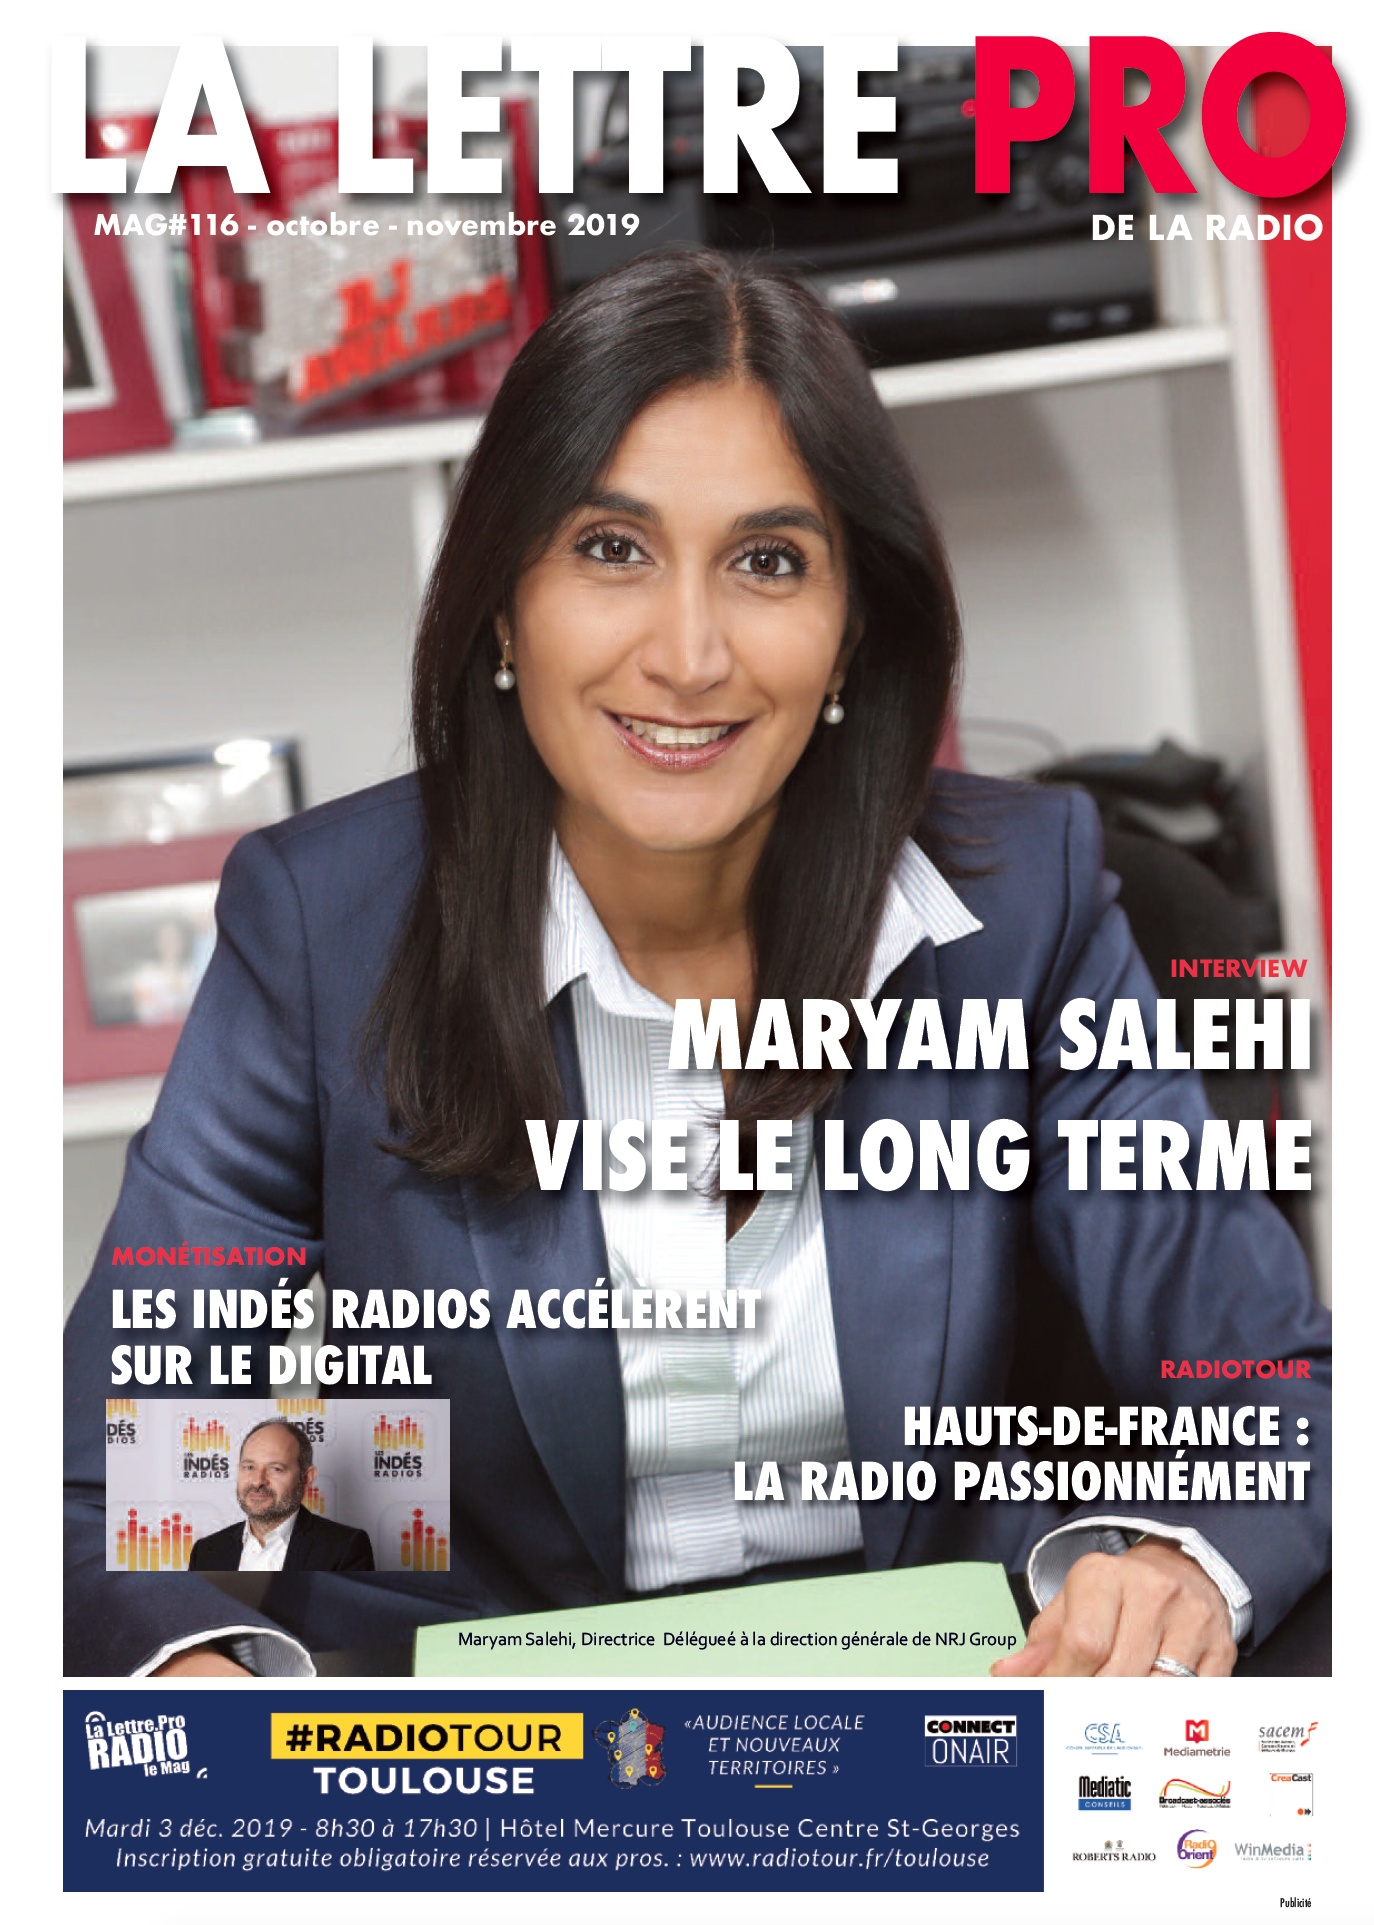 Maryam Salehi fait la Une du 116e numéro de la Lettre Pro de la Radio